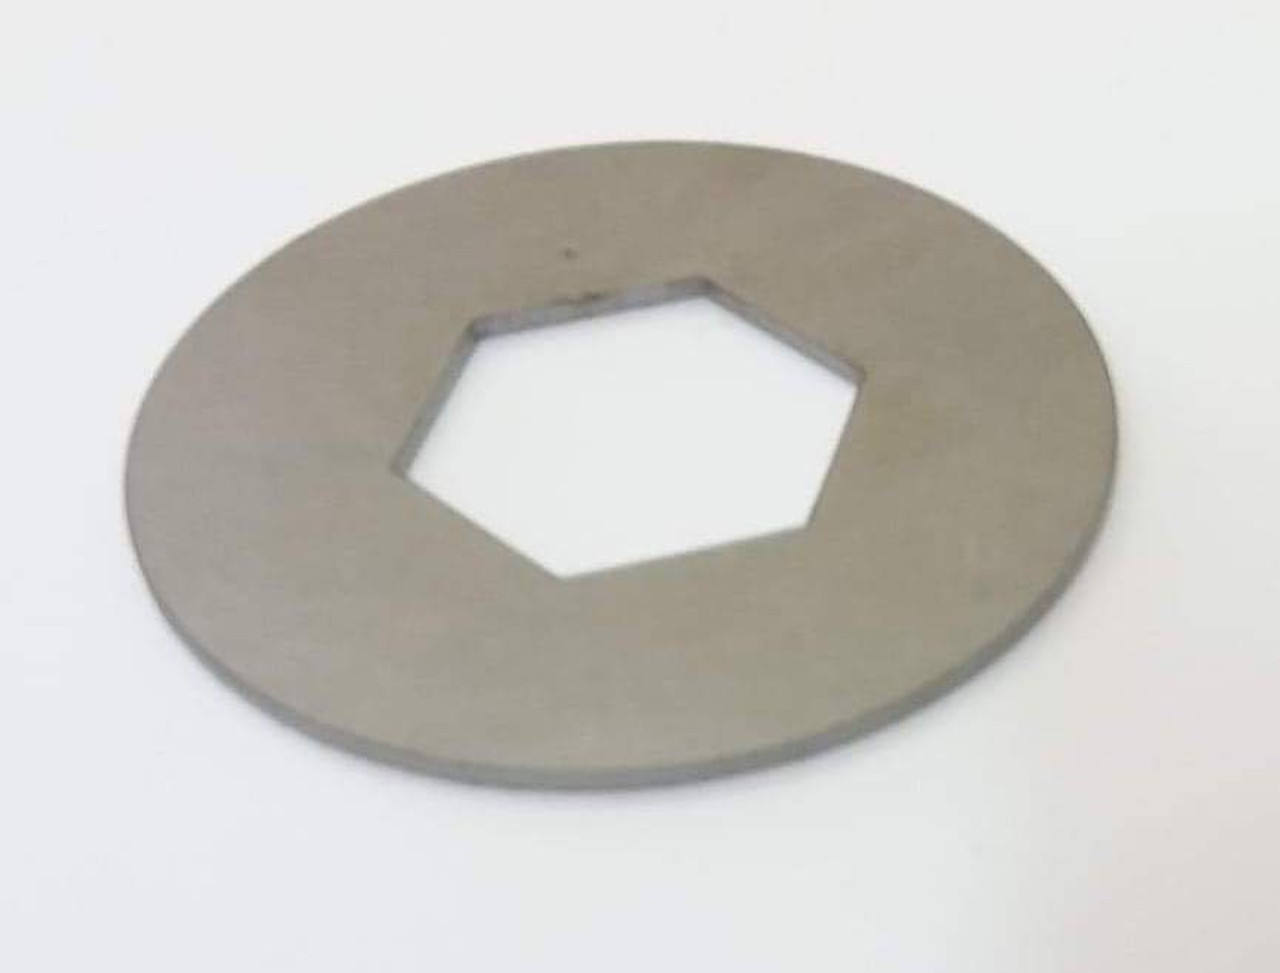 Clutch Nut Lock Tab Washer 68-82